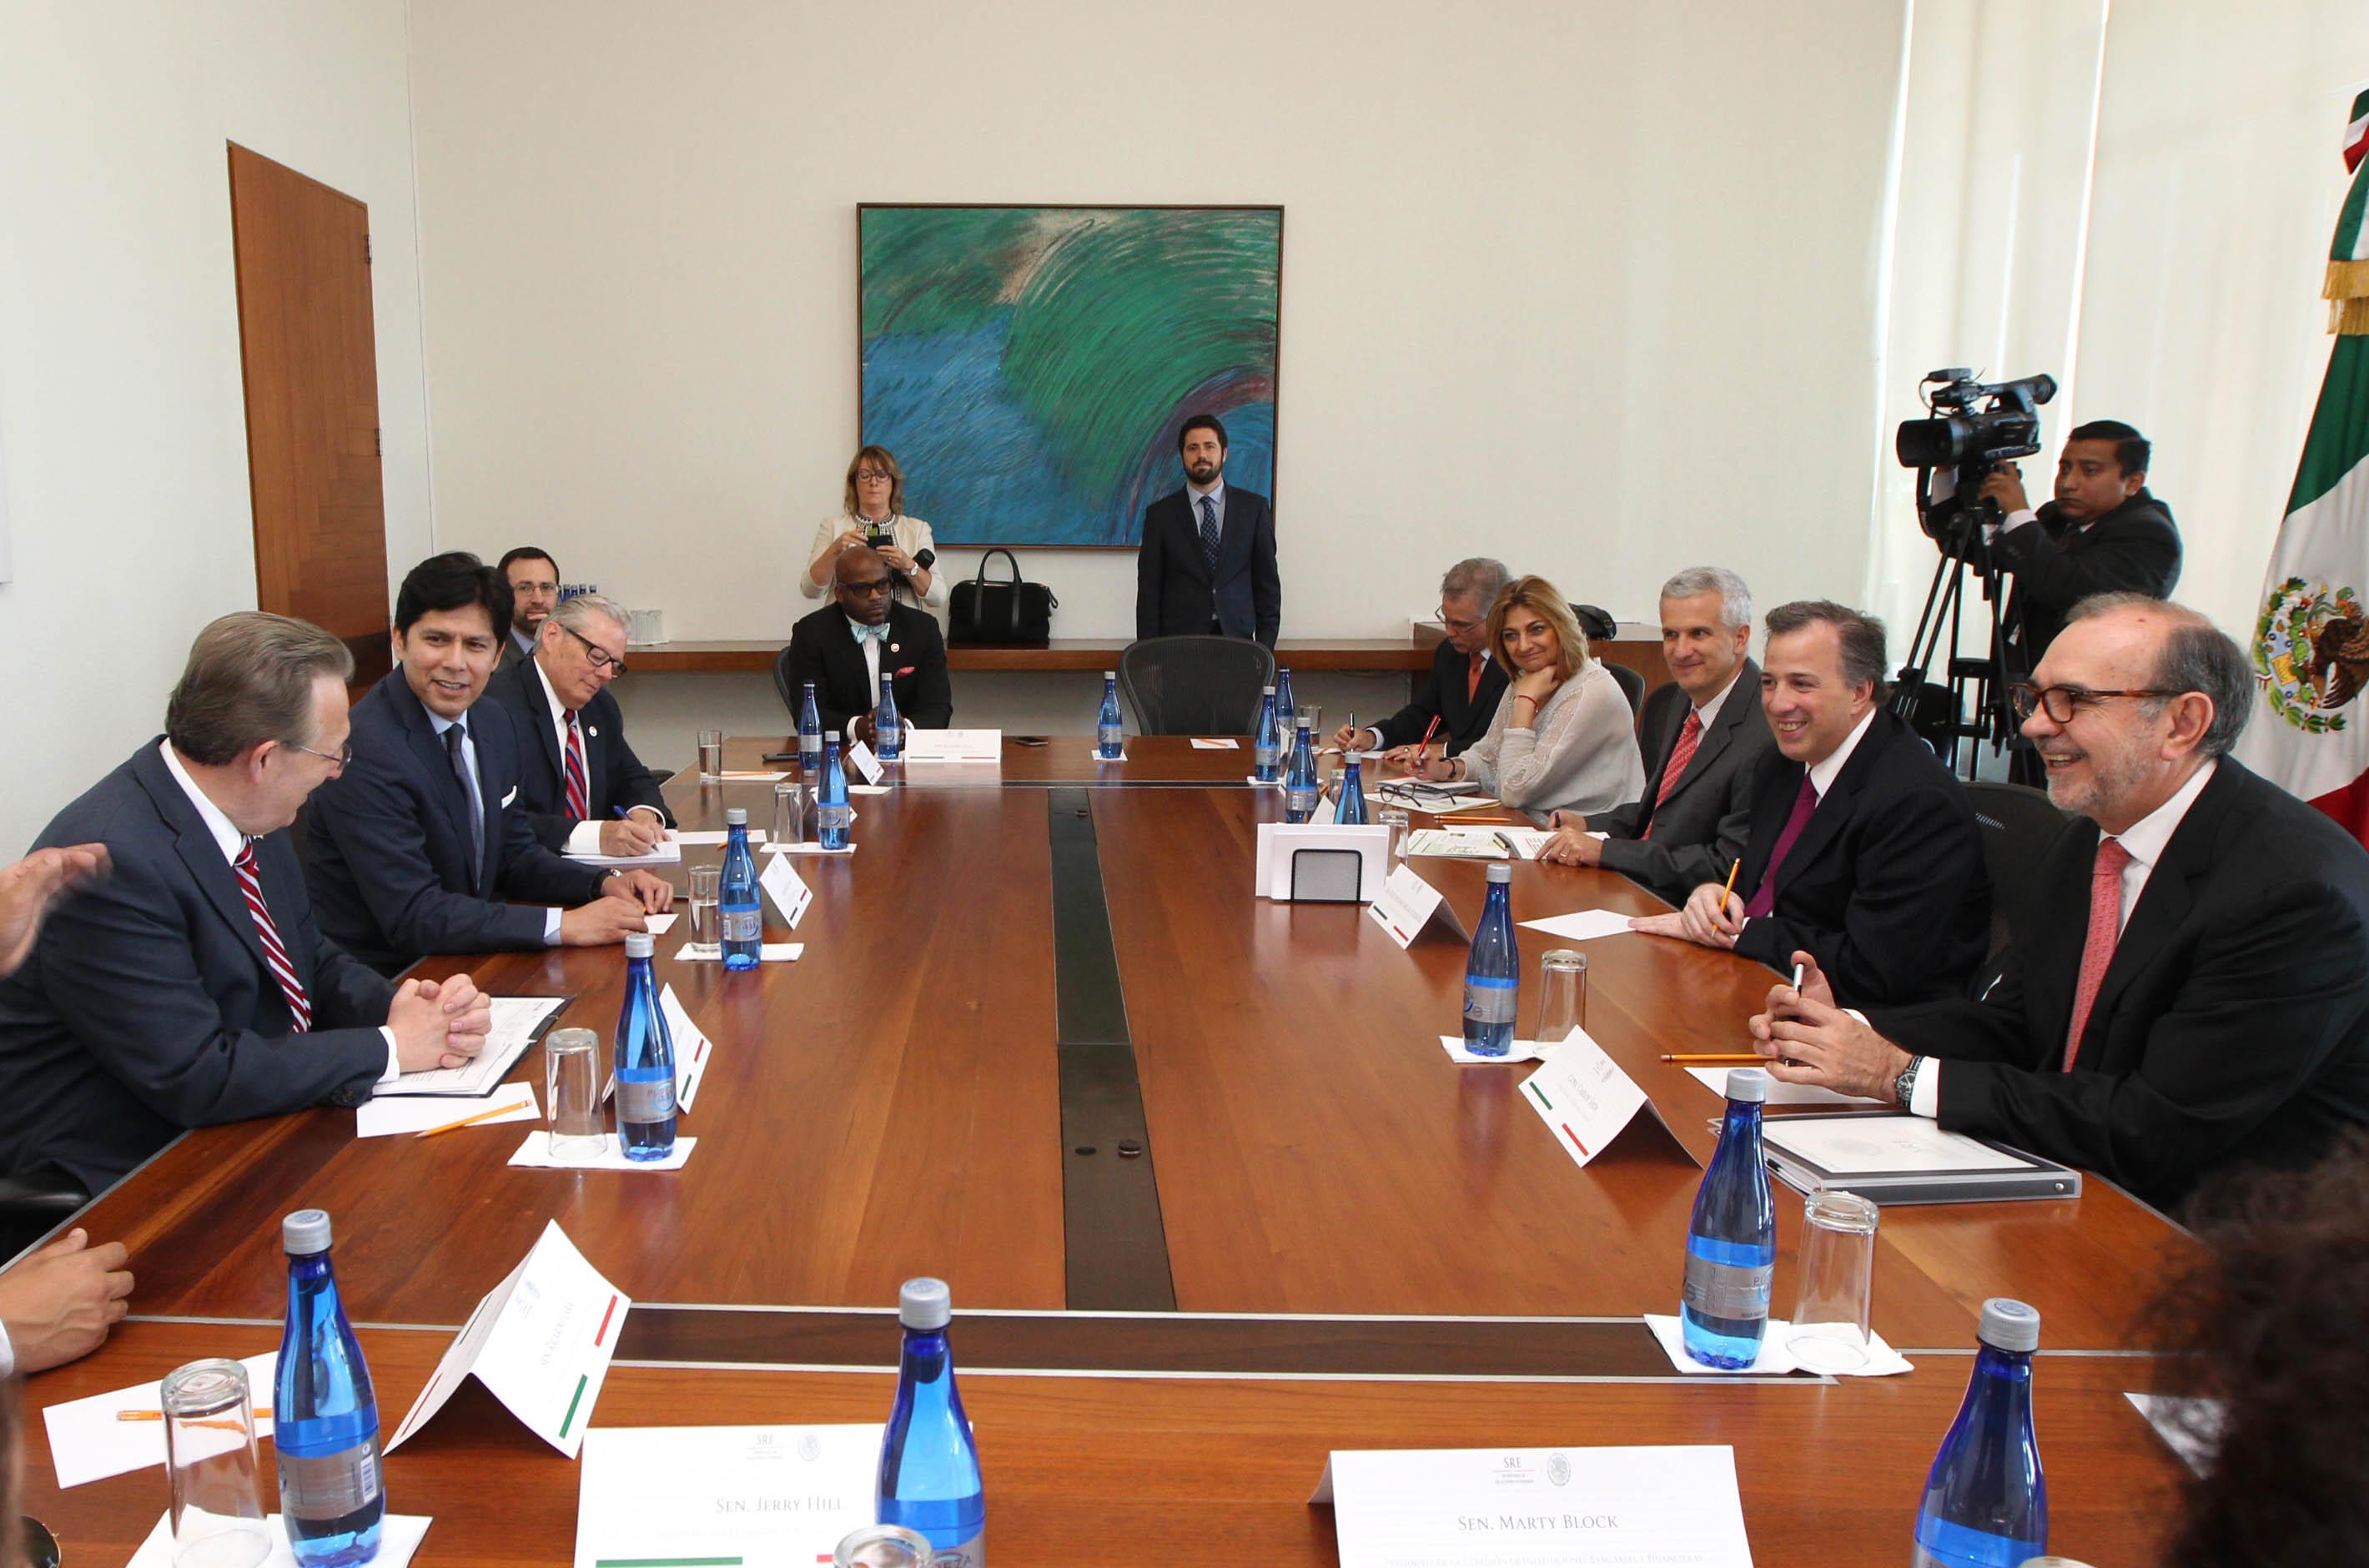 FOTO 2 Reuni n del canciller Jos  Antonio Meade con senadores del estado de California.jpg